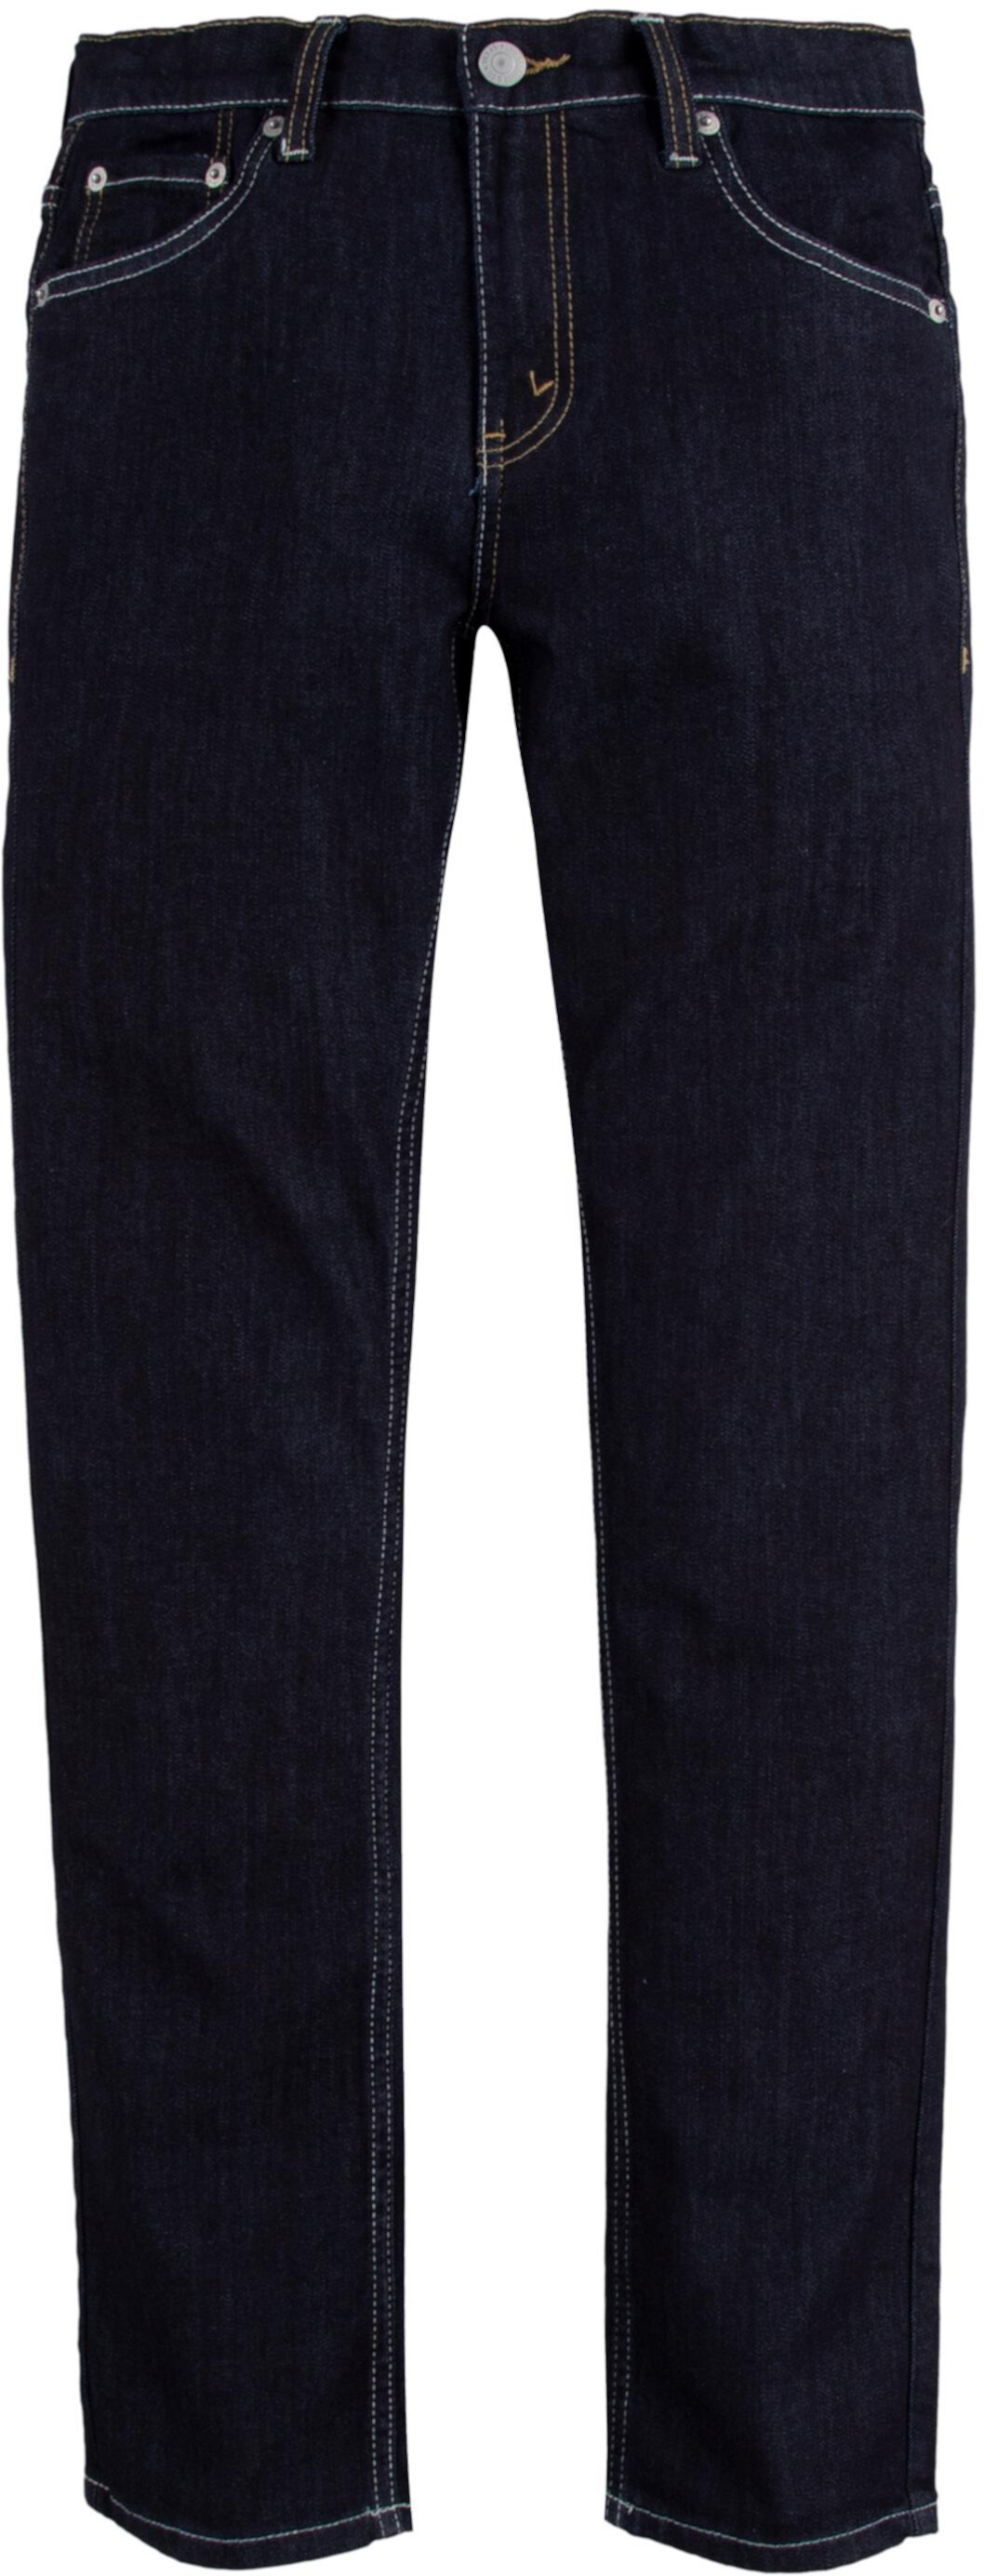 512 Slim Taper Performance Jeans (Big Kids) Levi's® Kids